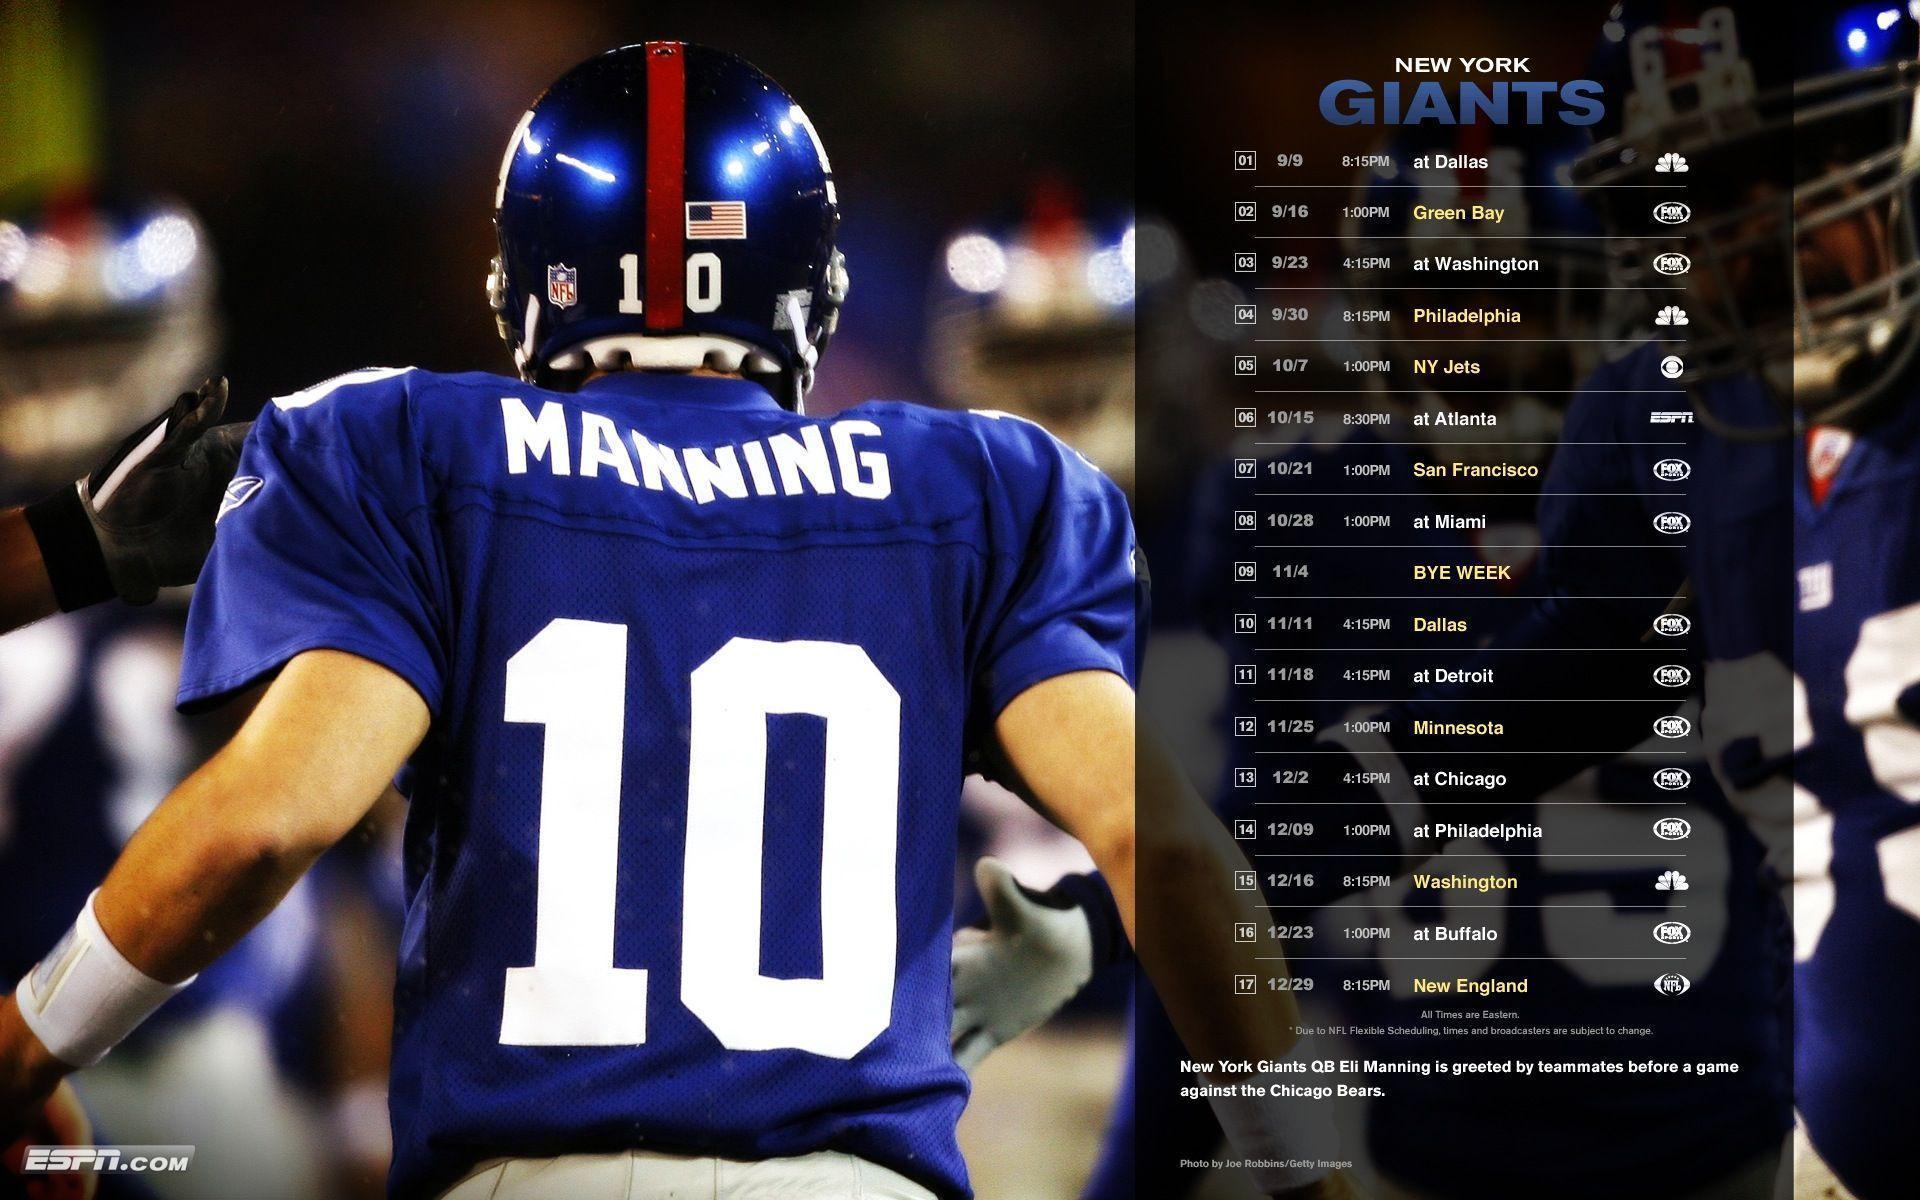 New York Giants 2015 Wallpaper - WallpaperSafari